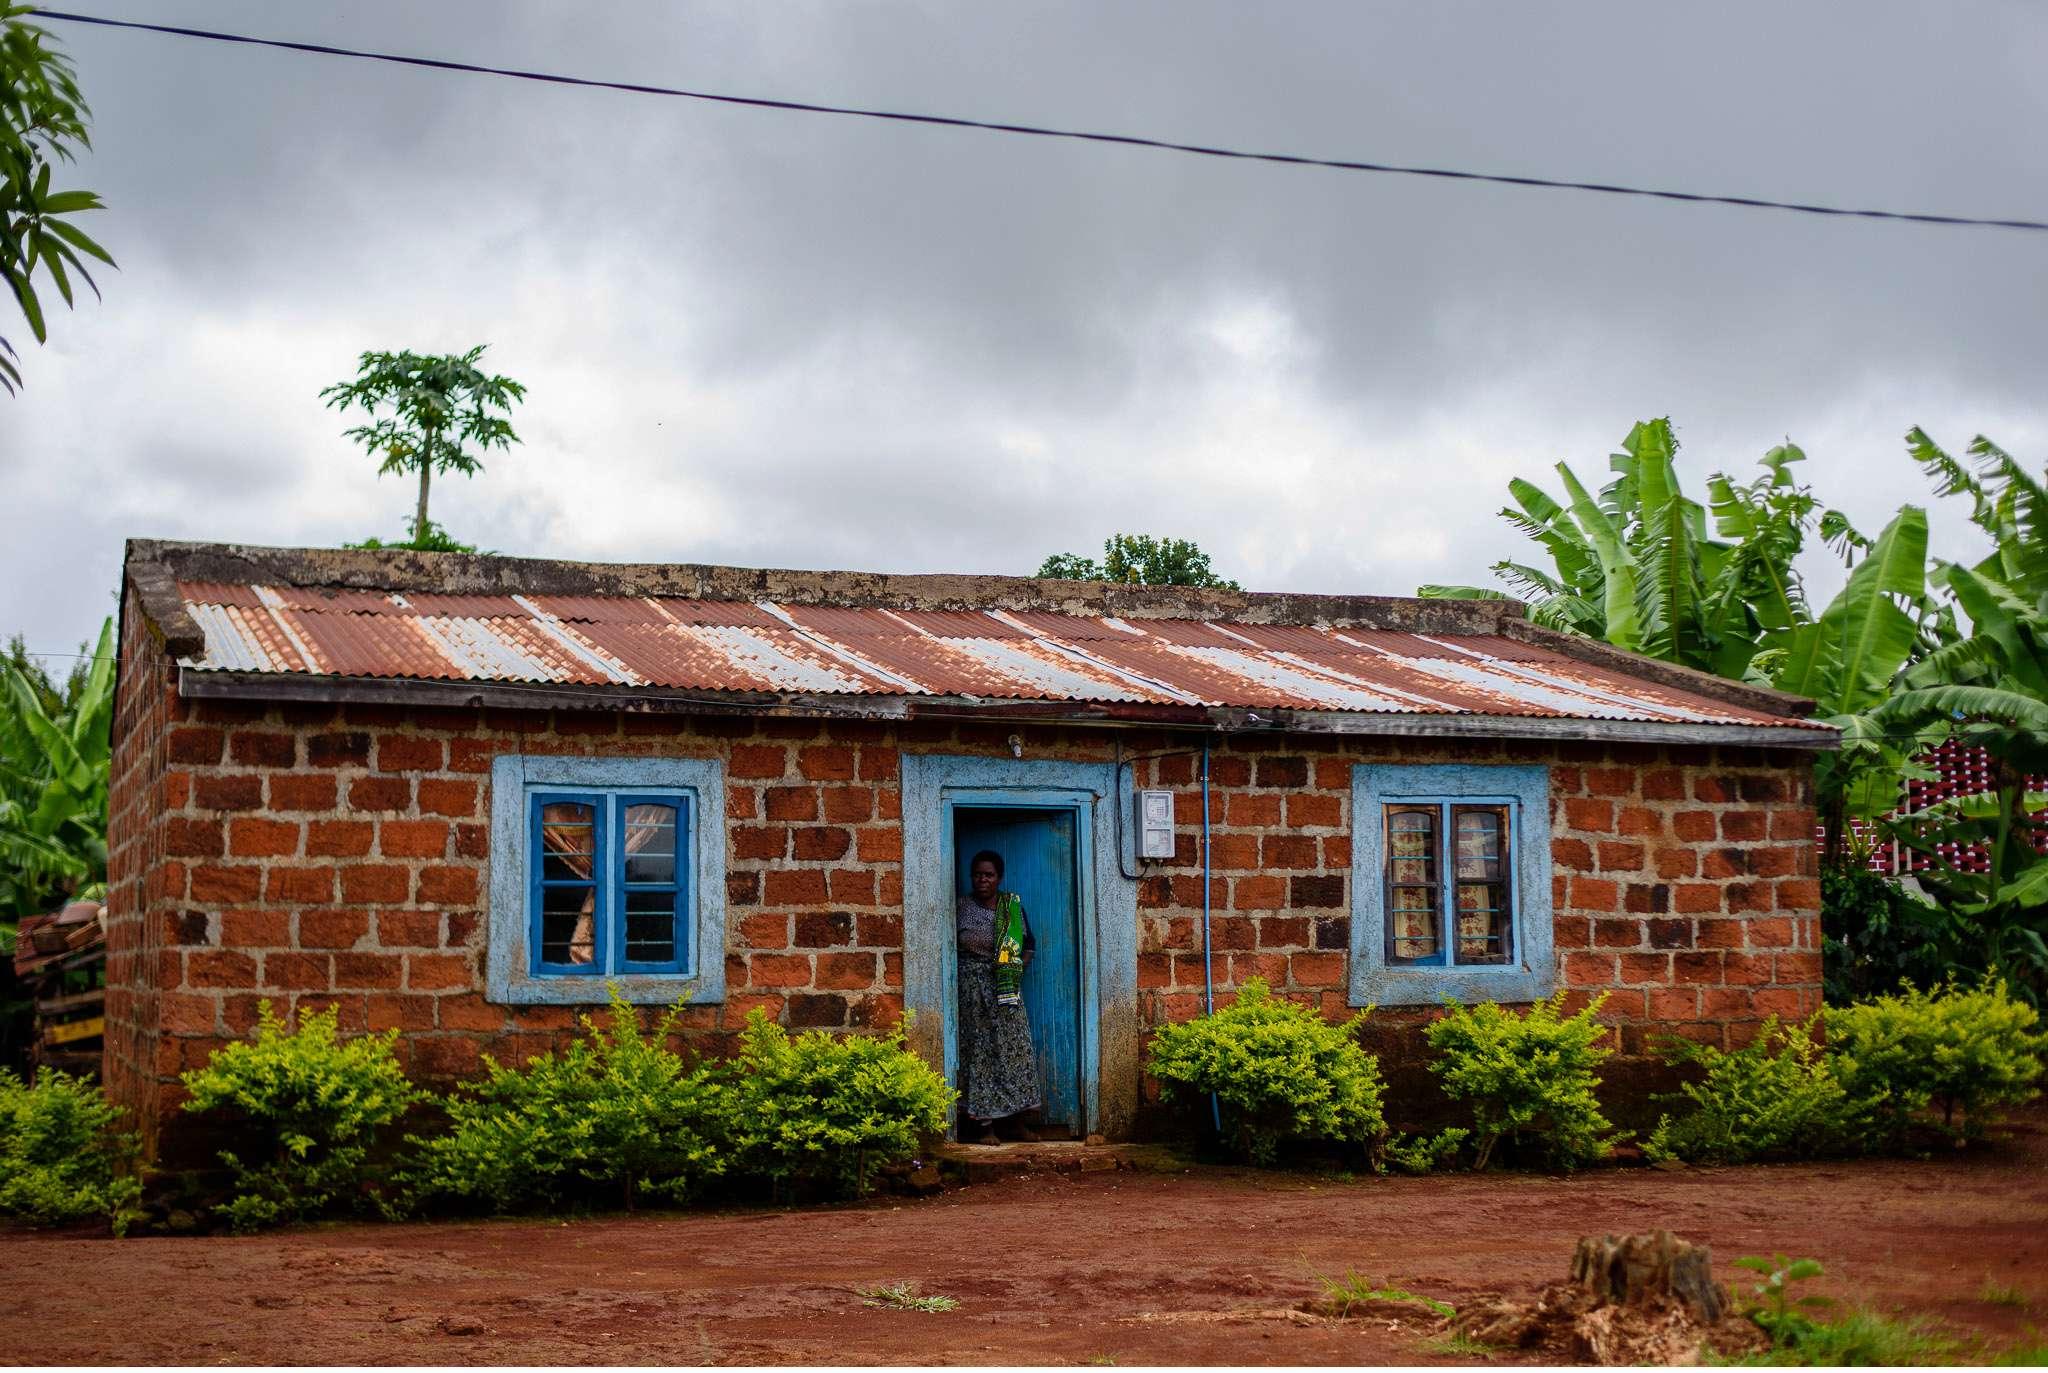 Malawi-Quer durch Afrika- Geschichten von unterwegs by Marion and Daniel-100